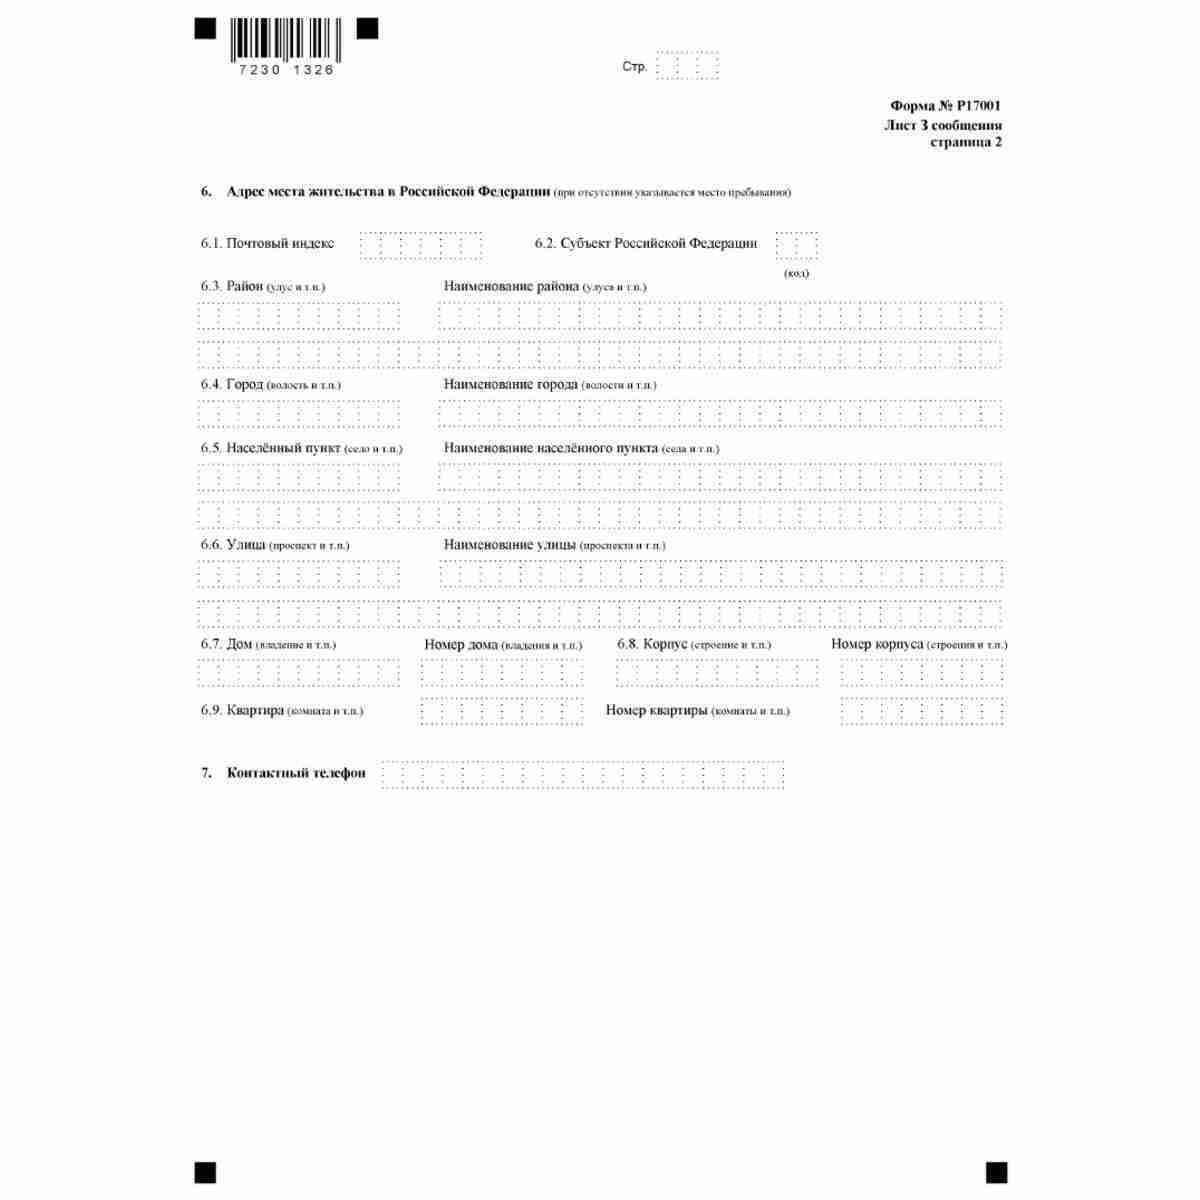 """Форма №Р17001 """"Сообщение сведений о юридическом лице, зарегистрированном до 1 июля 2002 года"""" (КНД 1111517). Лист З """"Сведения об управляющем"""". Стр. 2"""